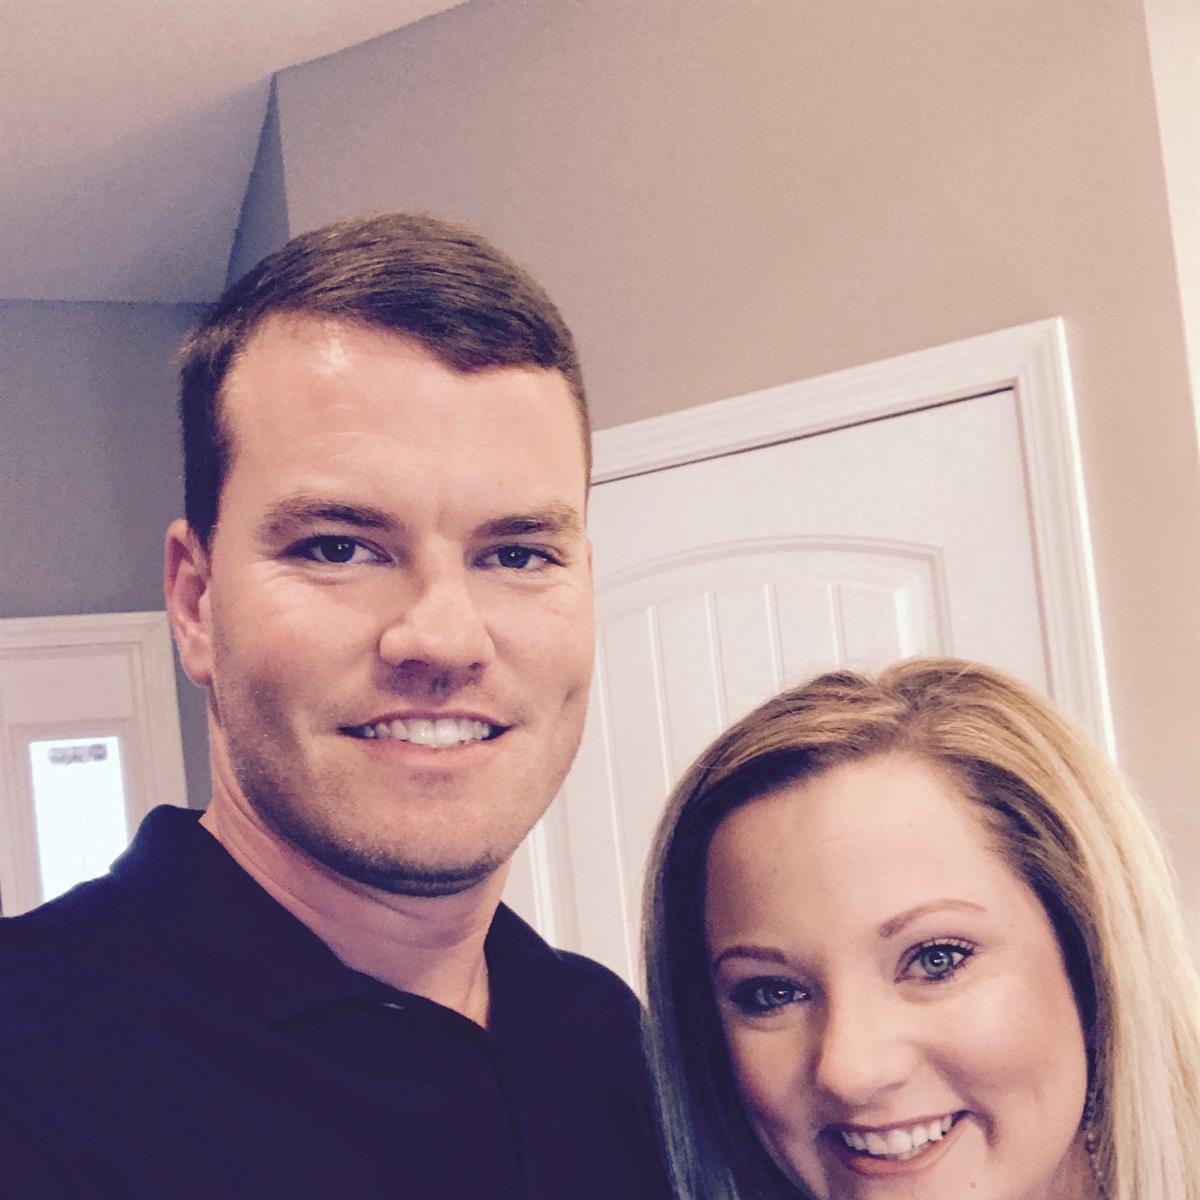 Josh Harrell and Allison Little